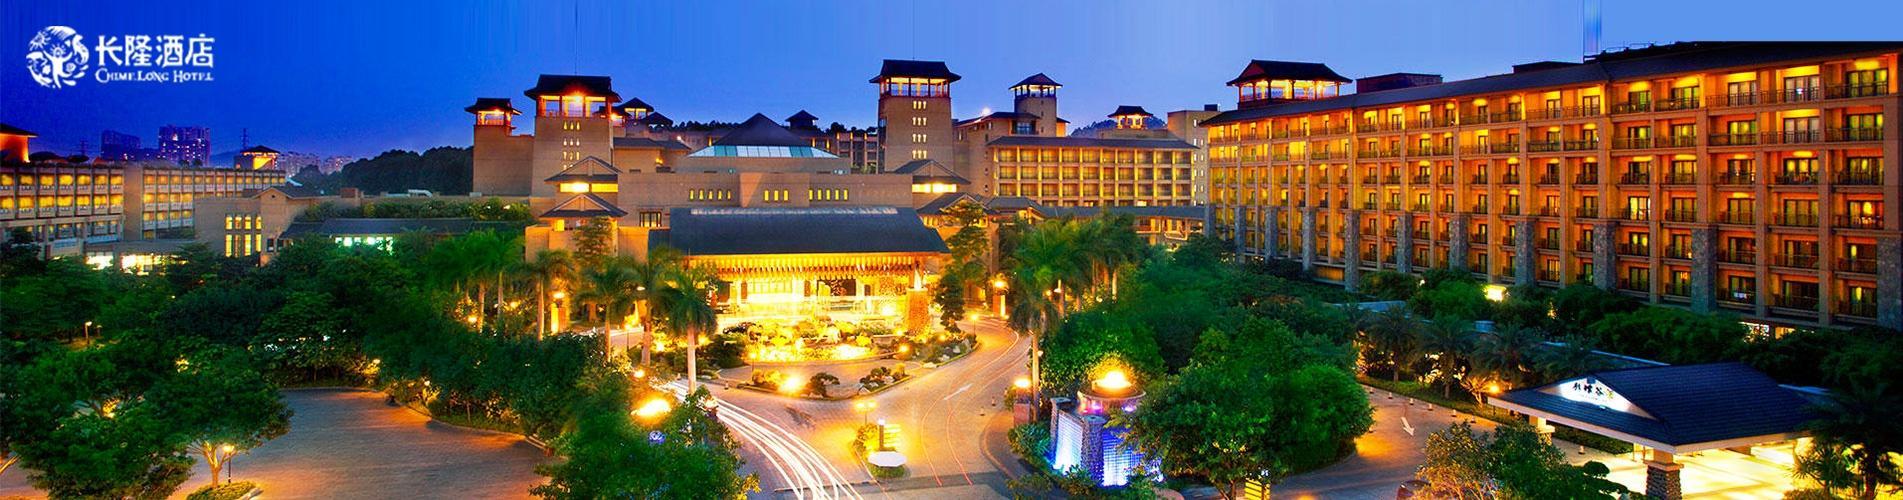 廣州番禺長隆酒店套票